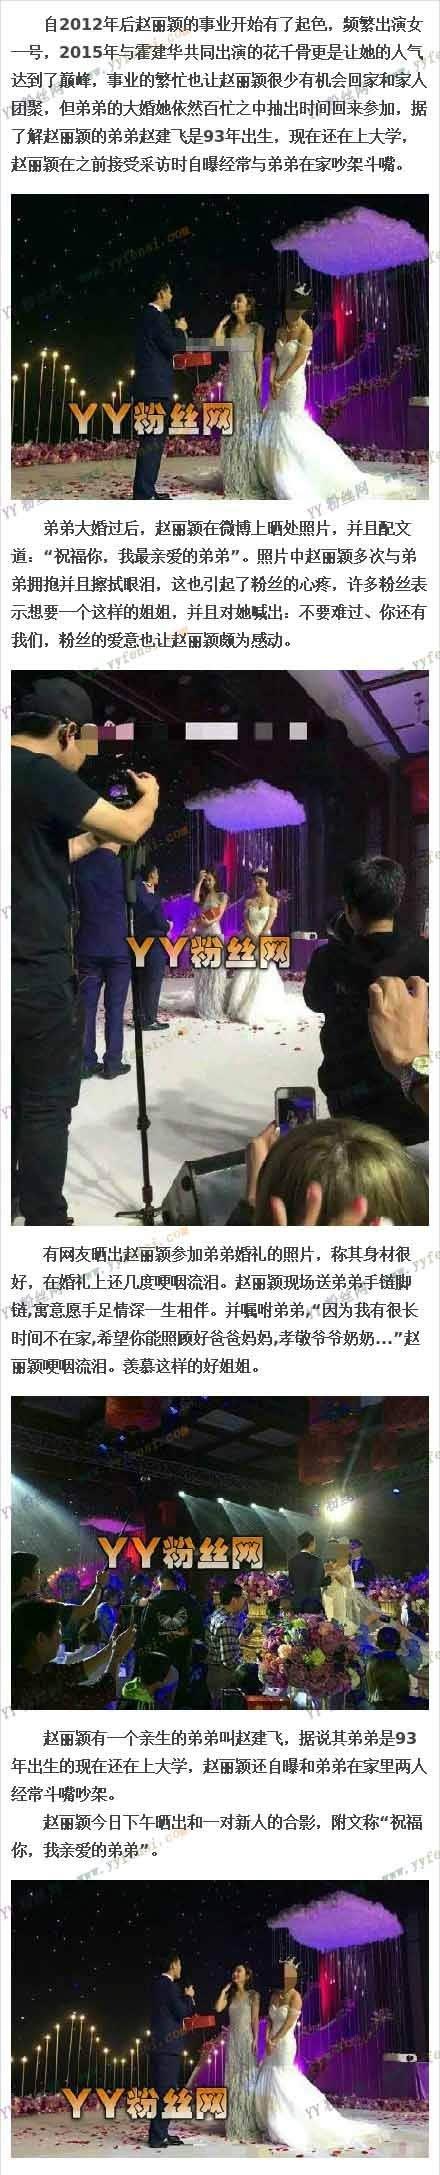 赵丽颖弟弟赵建飞老婆照片背景 大学生赵建飞结婚女方图片